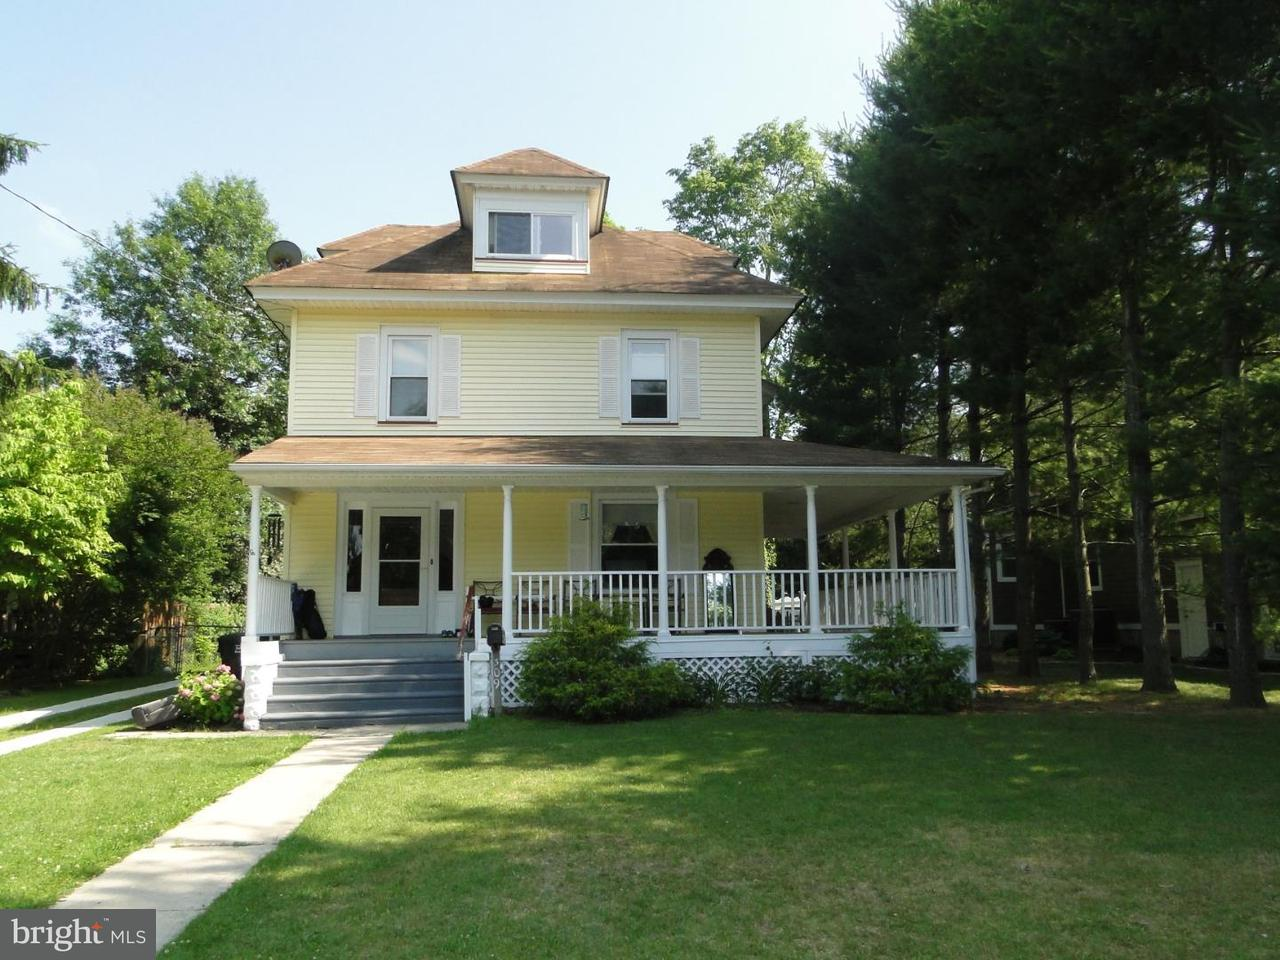 独户住宅 为 出租 在 309 PITMAN Avenue Pitman, 新泽西州 08071 美国